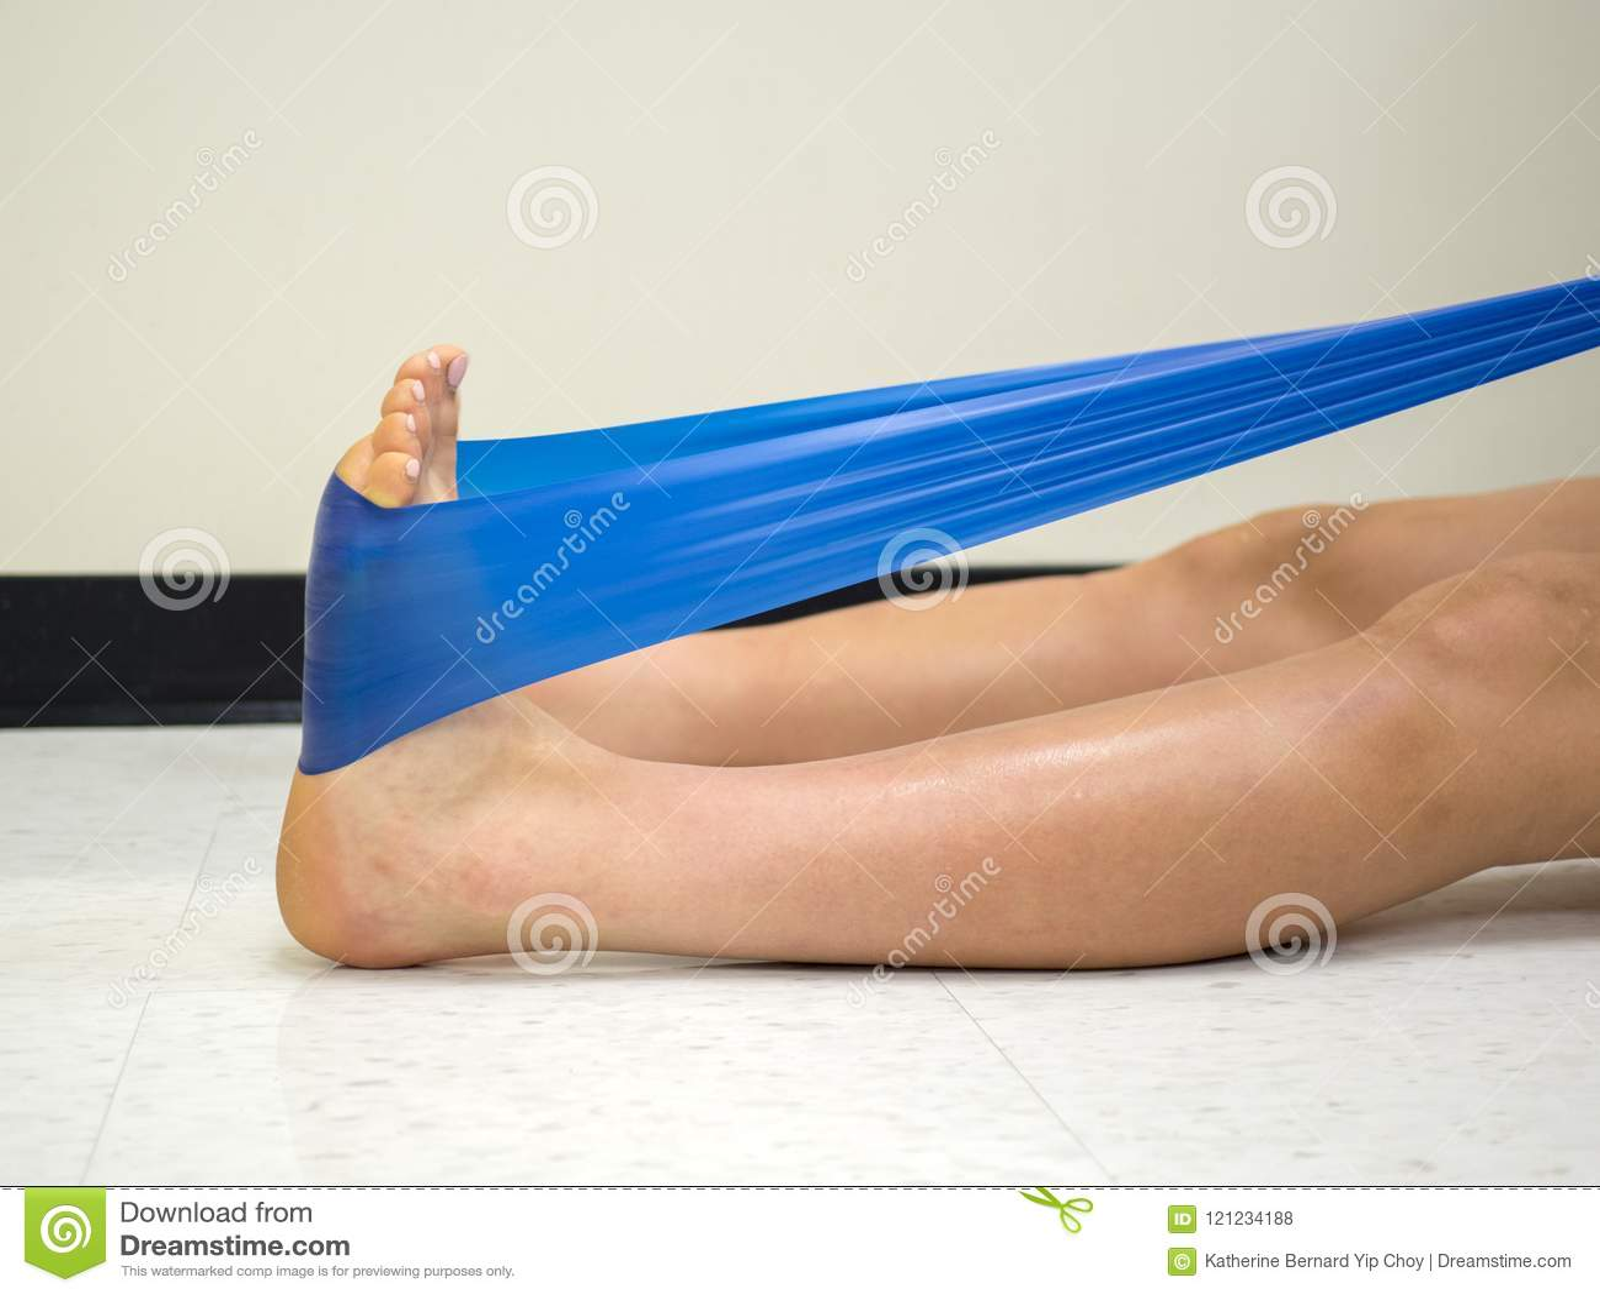 Atleta do time do colégio que usa uma faixa do exercício do theraband para reforçar seu tornozelo